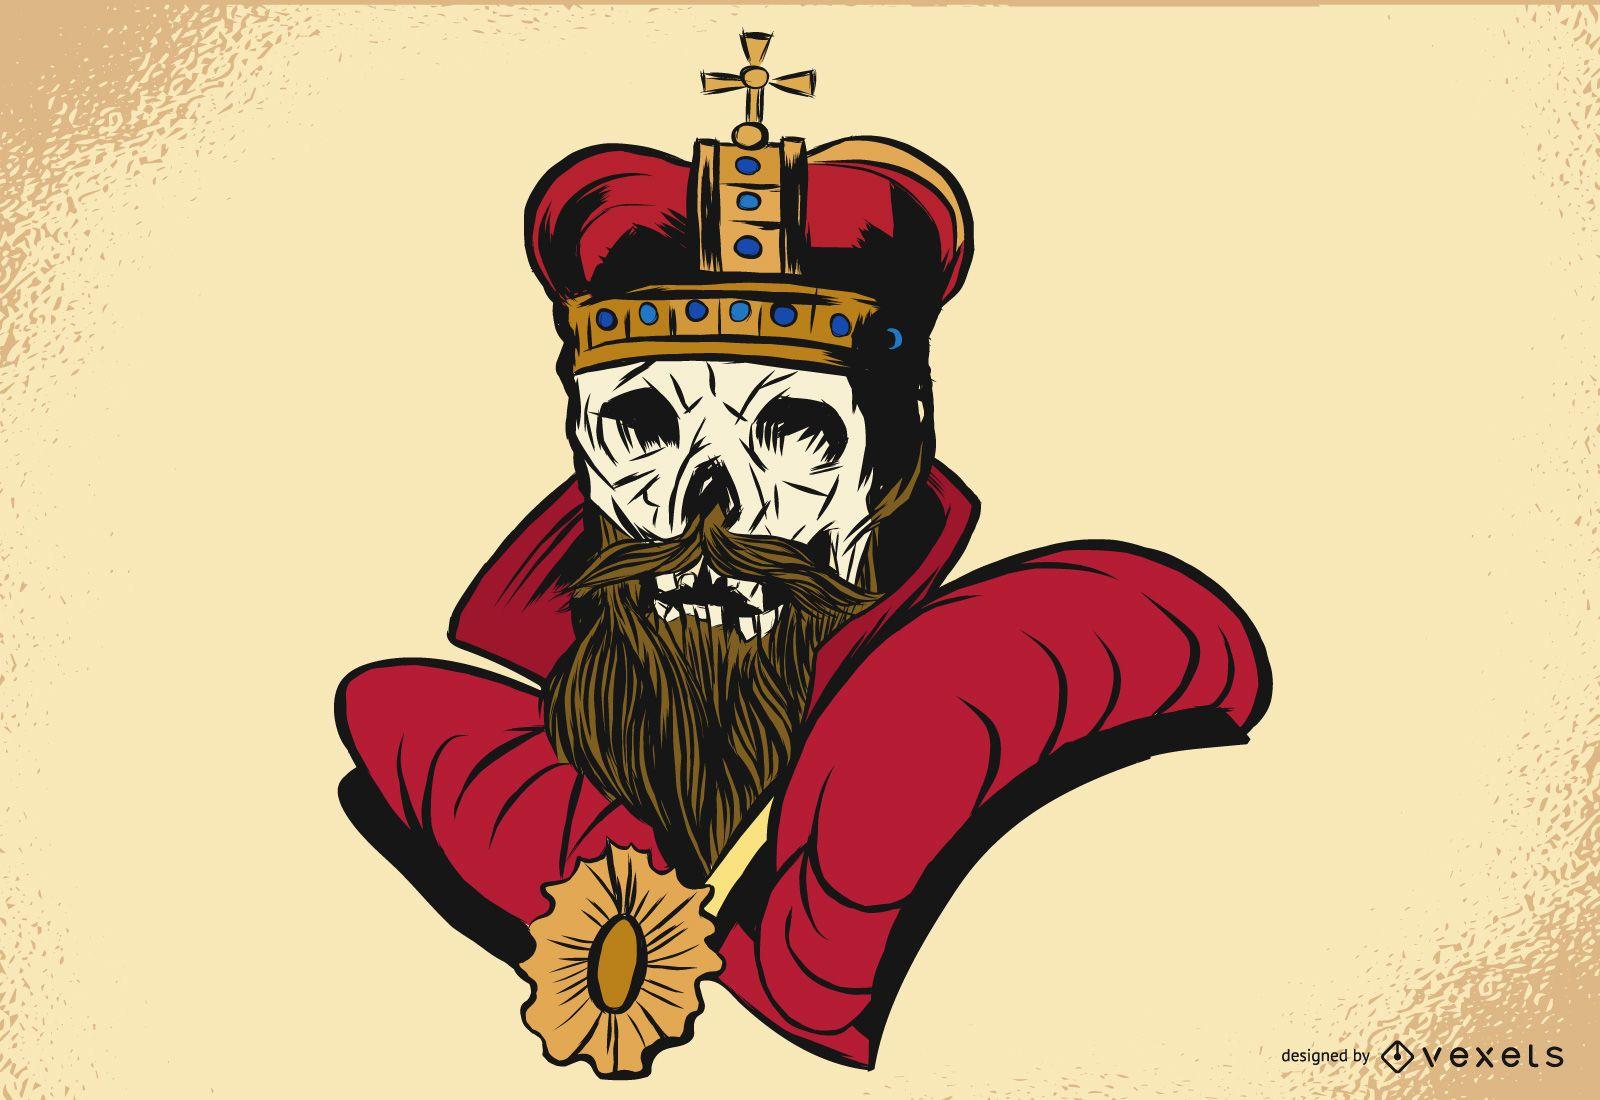 Diseño de ilustración de rey esqueleto